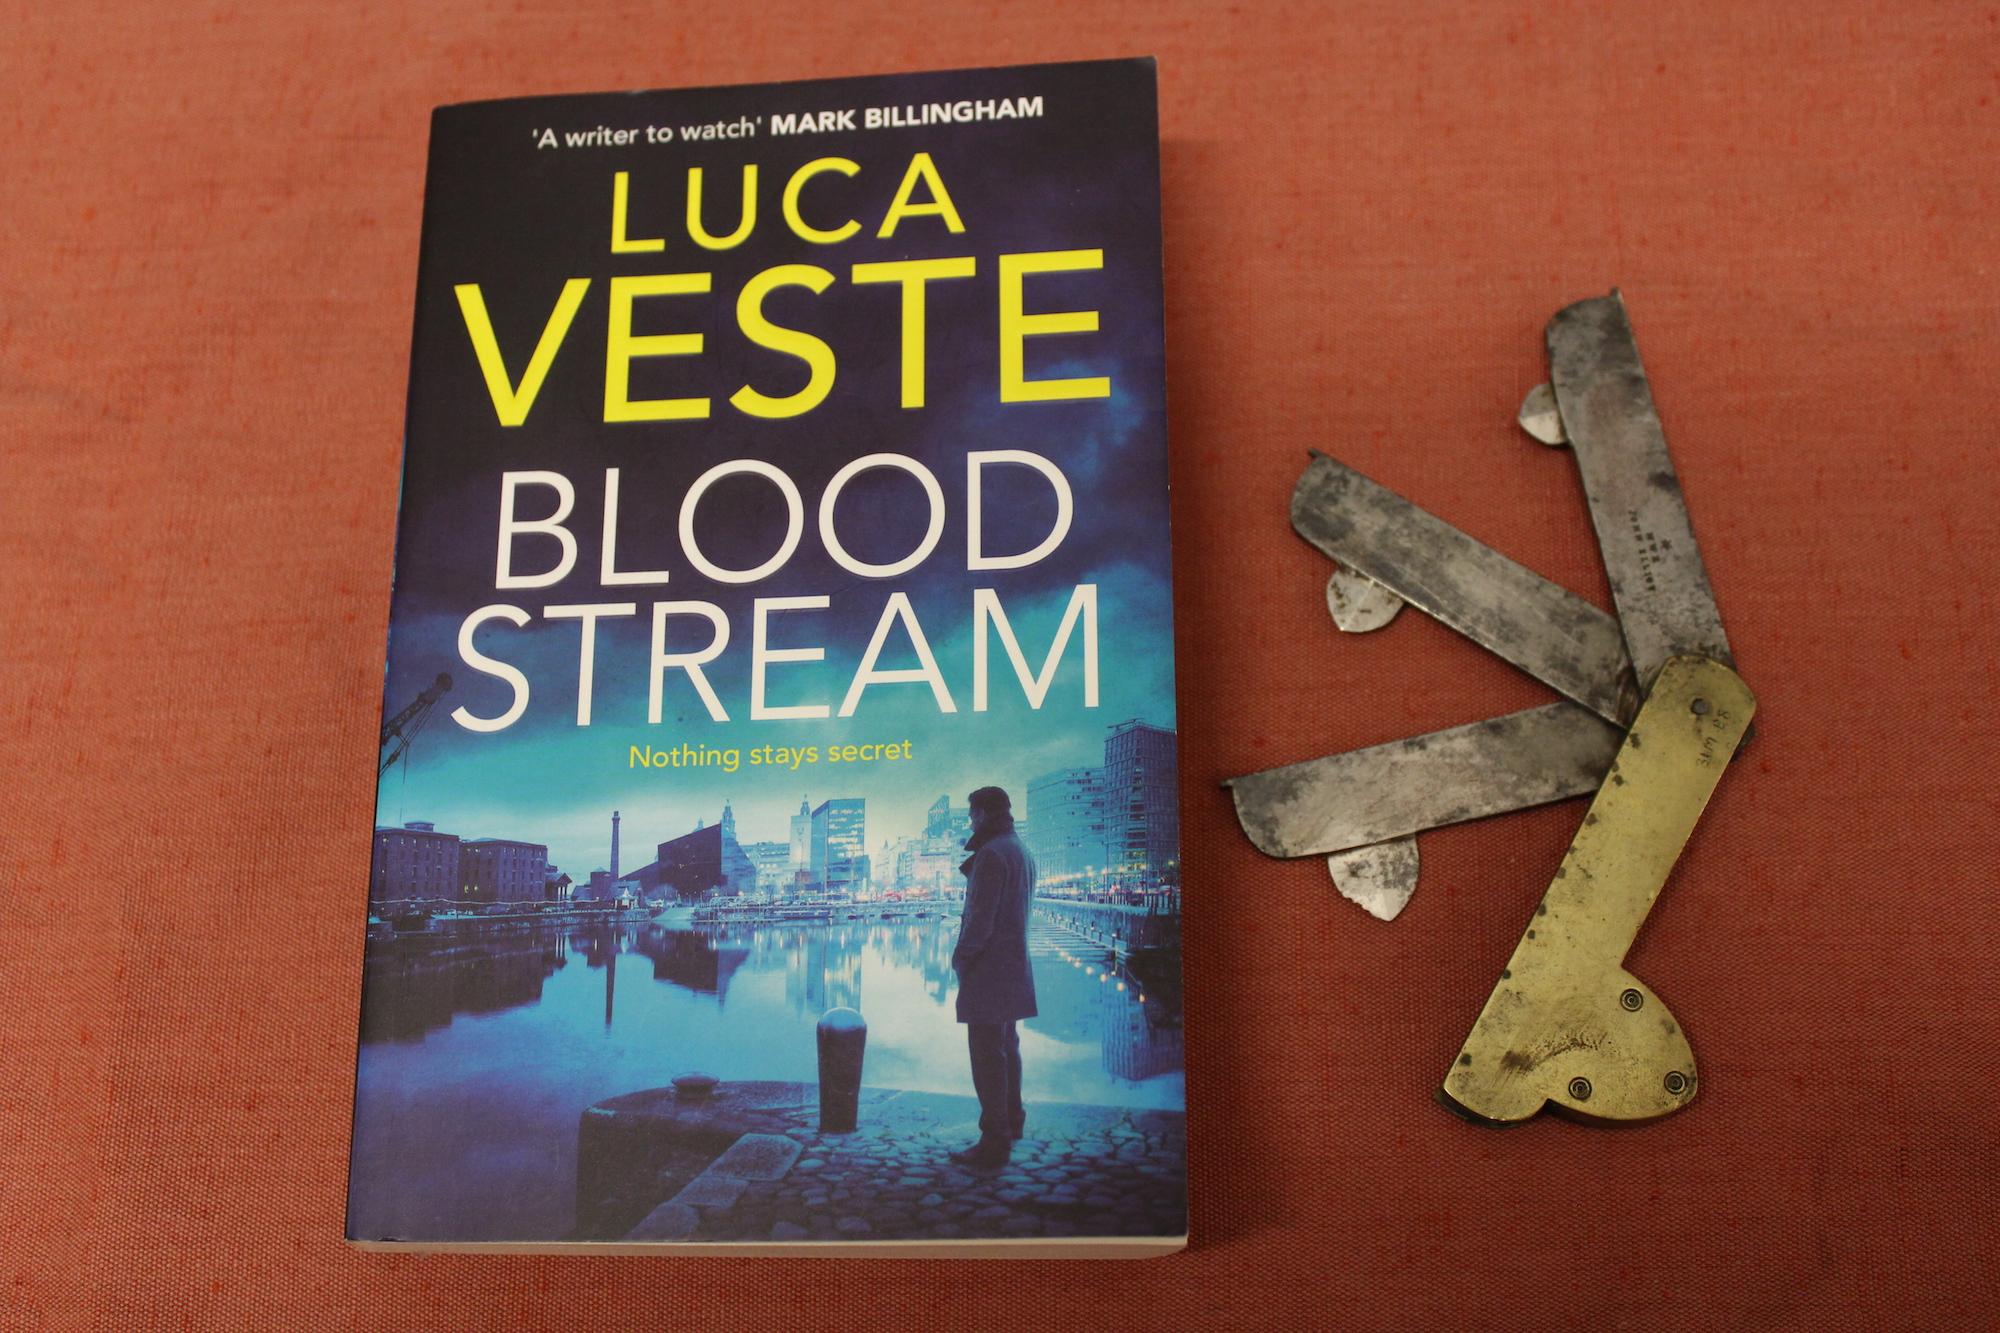 Luca Veste